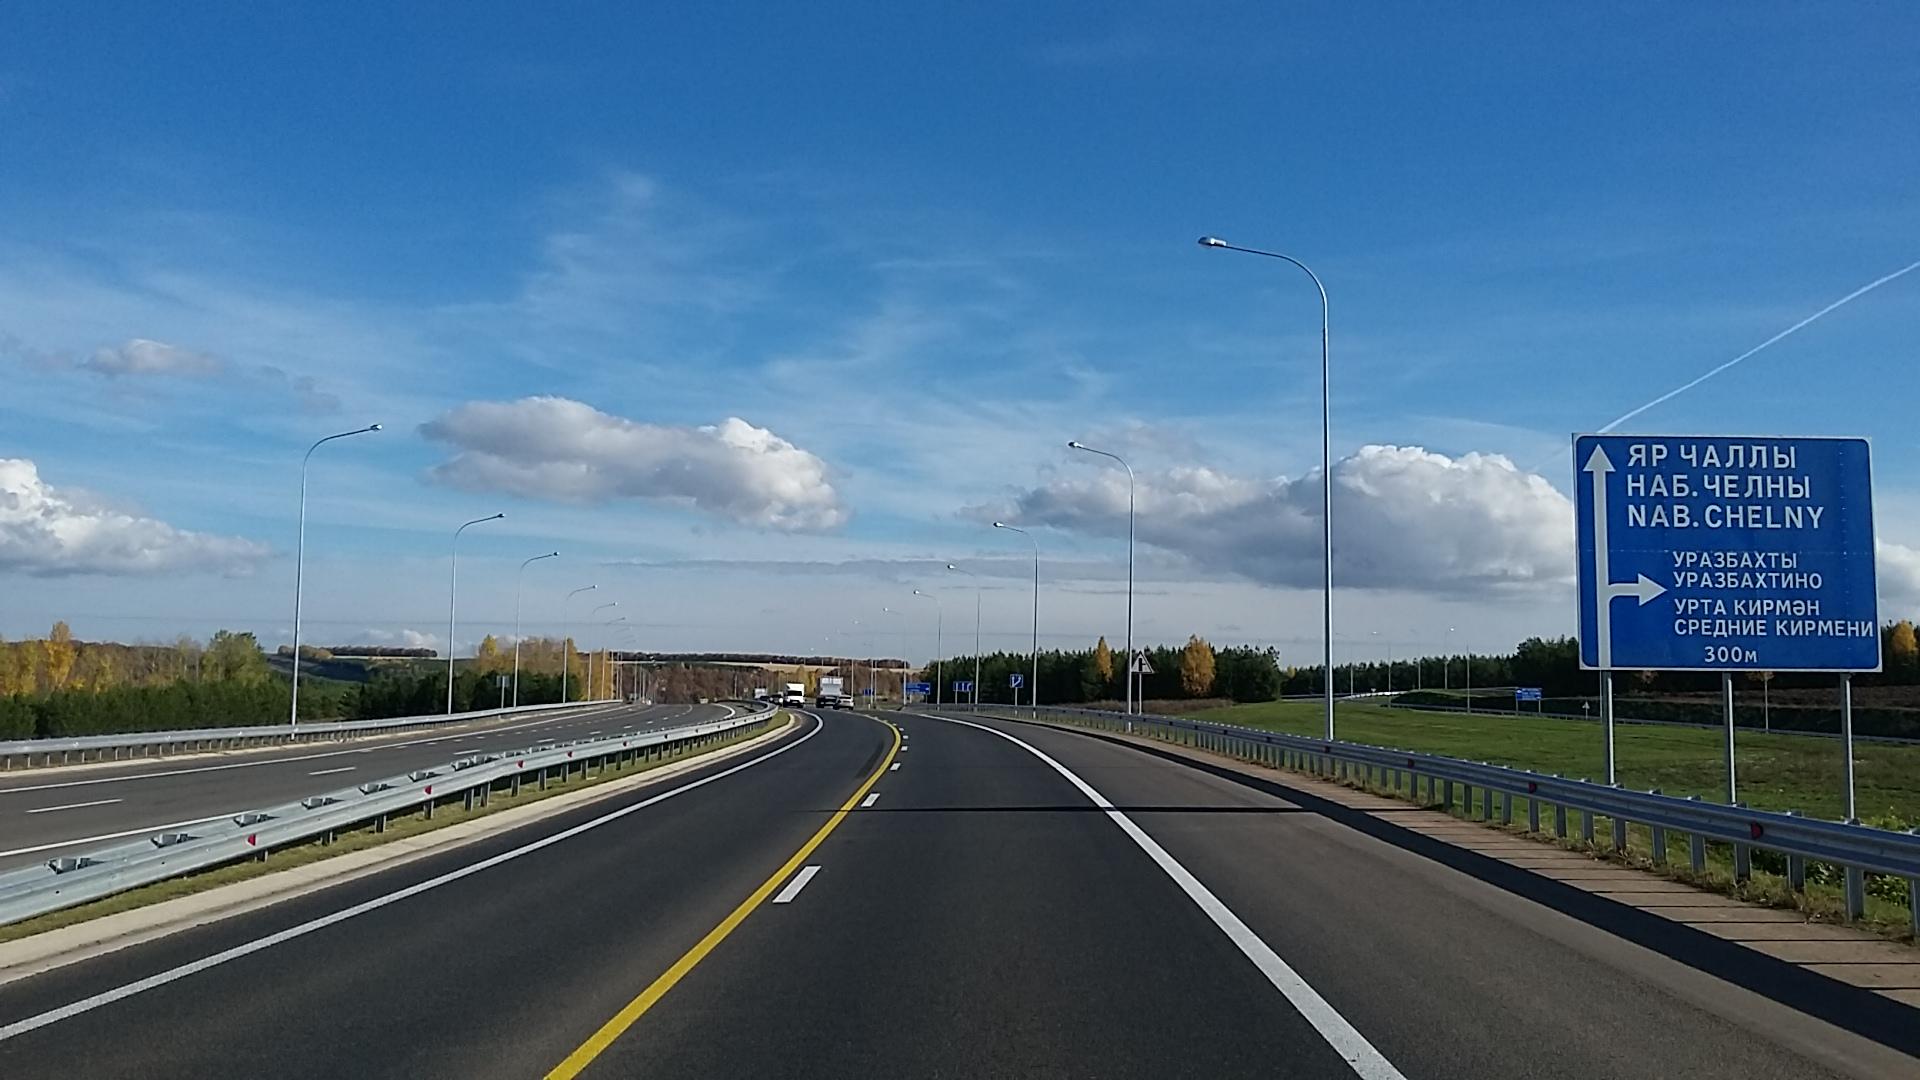 Картинки дорог казани обстановка взаимные